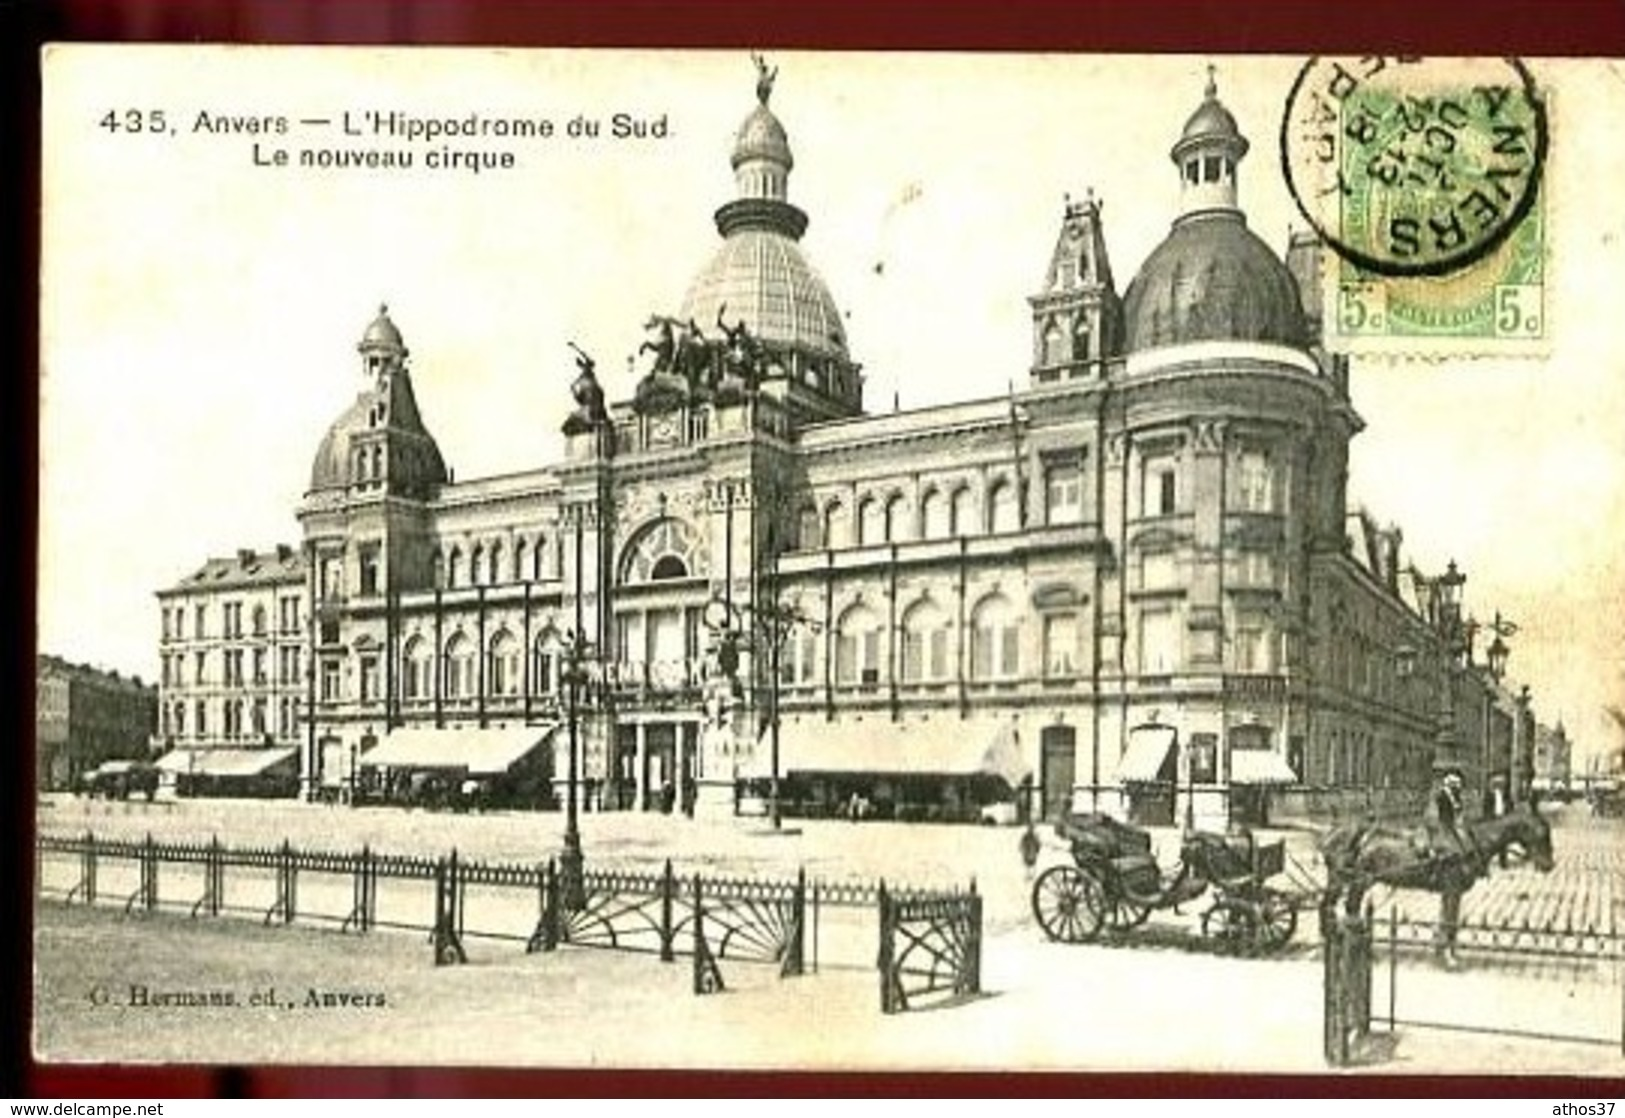 ANVERS - 435 : L' Hippodrome Du Sud - Le Nouveau Cirque - (Beau Plan Animé Avec Calèche) - Antwerpen